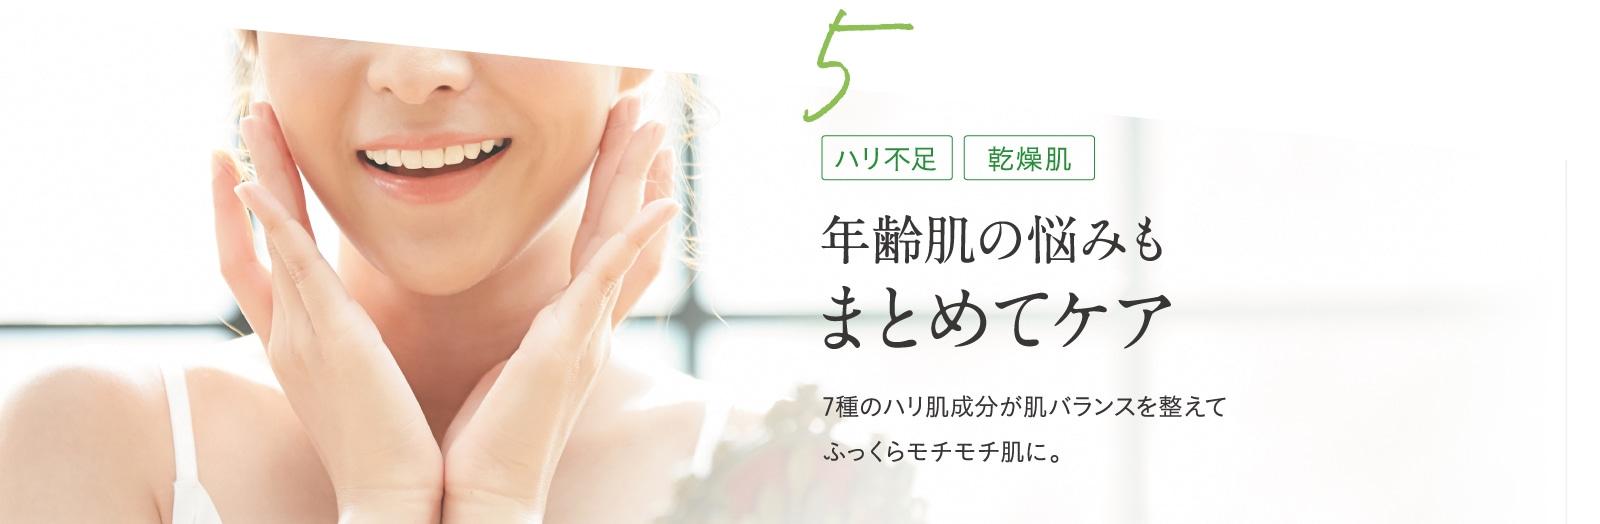 5 ハリ不足 乾燥肌 年齢肌の悩みもまとめてケア